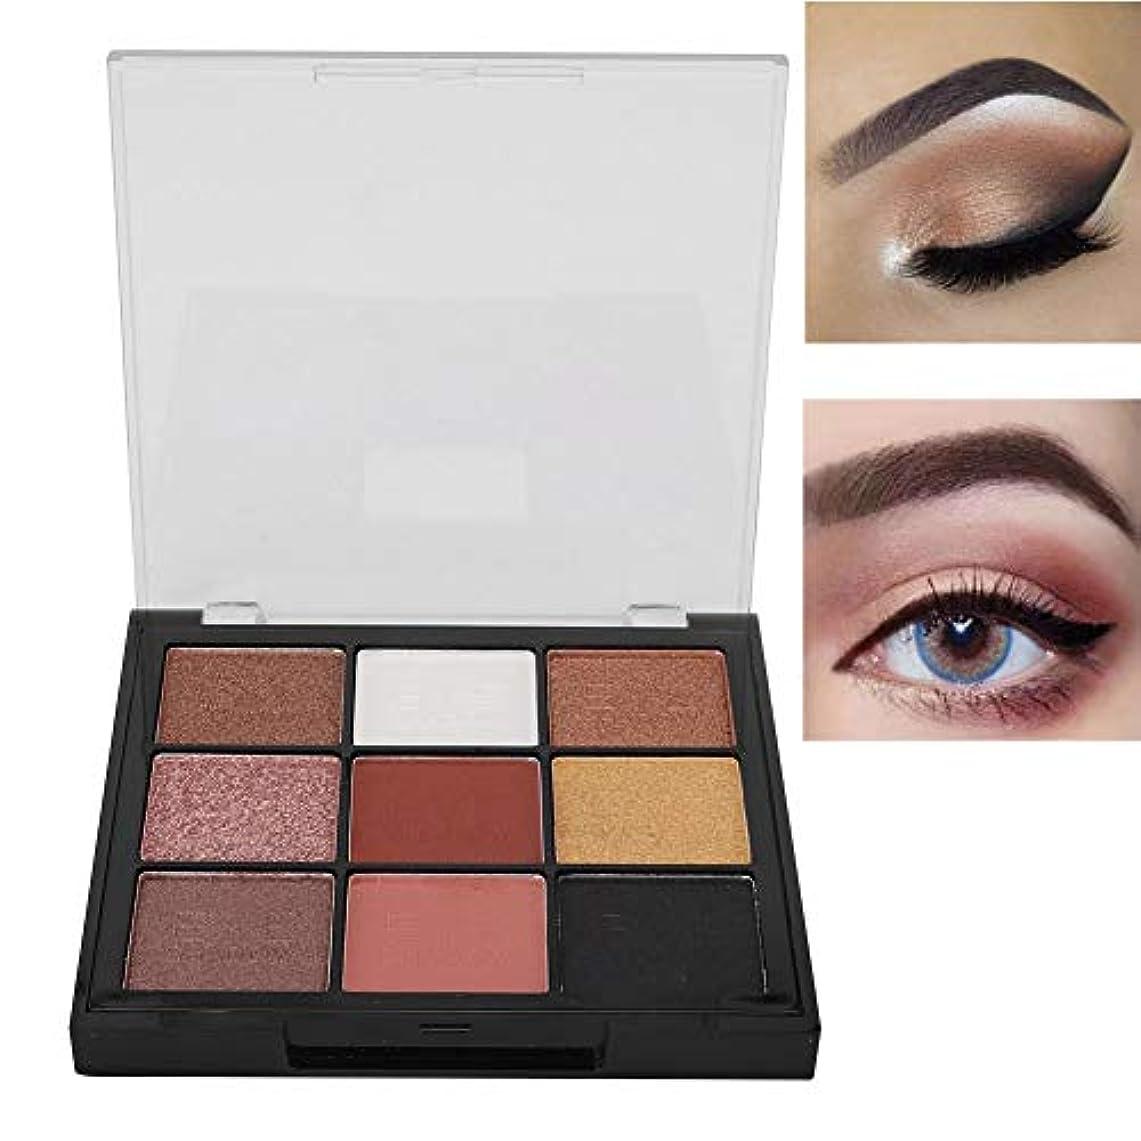 唇ハック晴れ適用 容易 9つ 色 きらめきのマットのアイシャドウパレット、アイシャドウの化粧品の粉(01#)